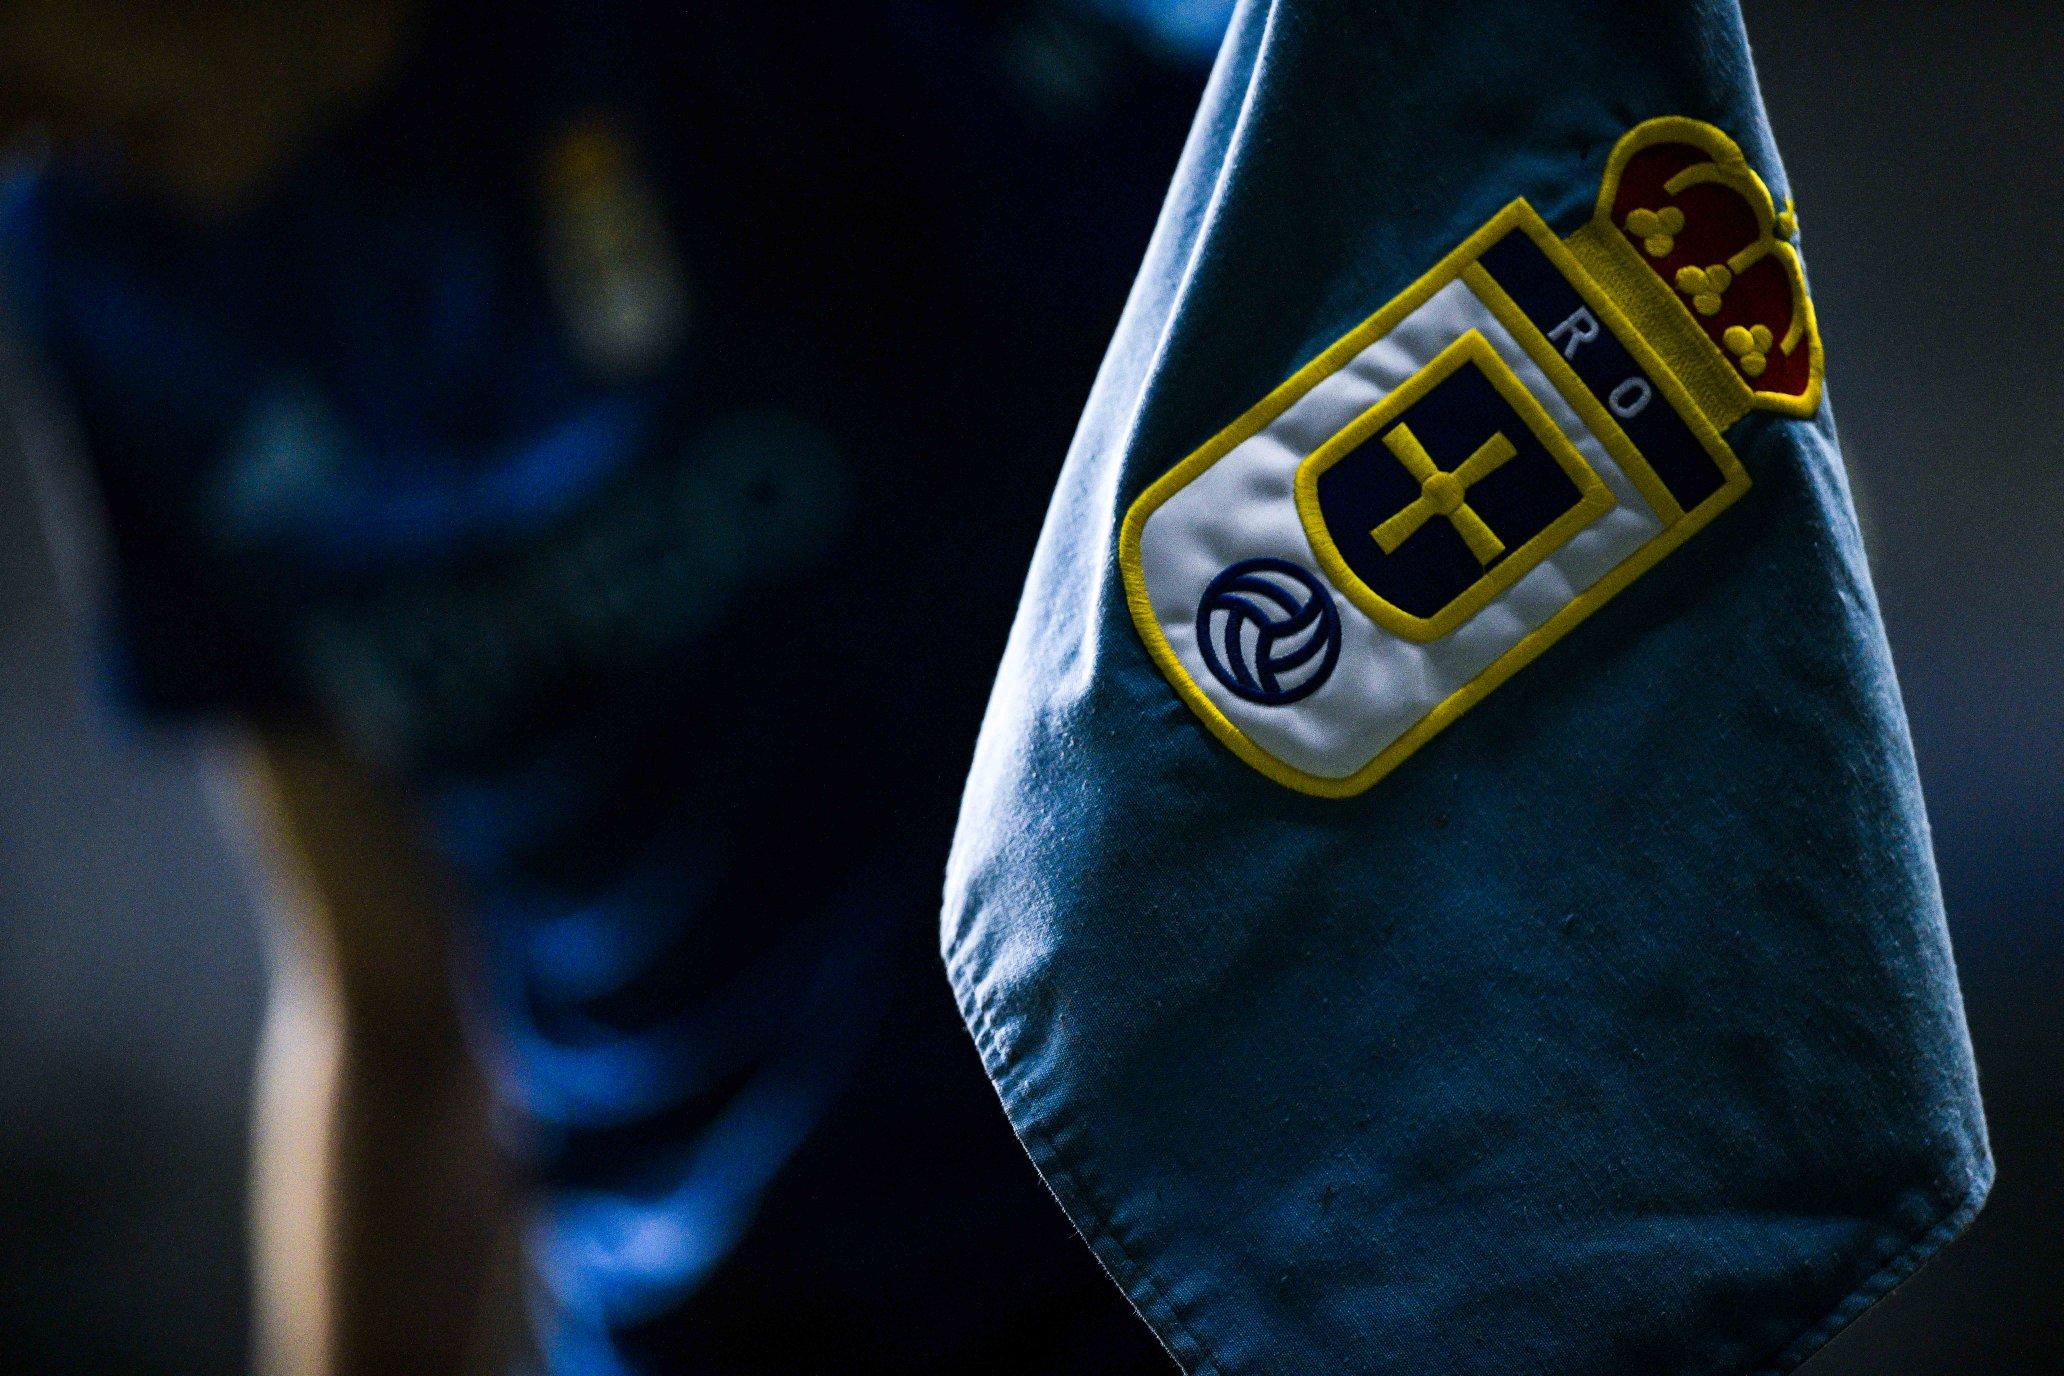 Команда футбольного дня. Реал Овьедо – шаг вперед для Лунина - изображение 4